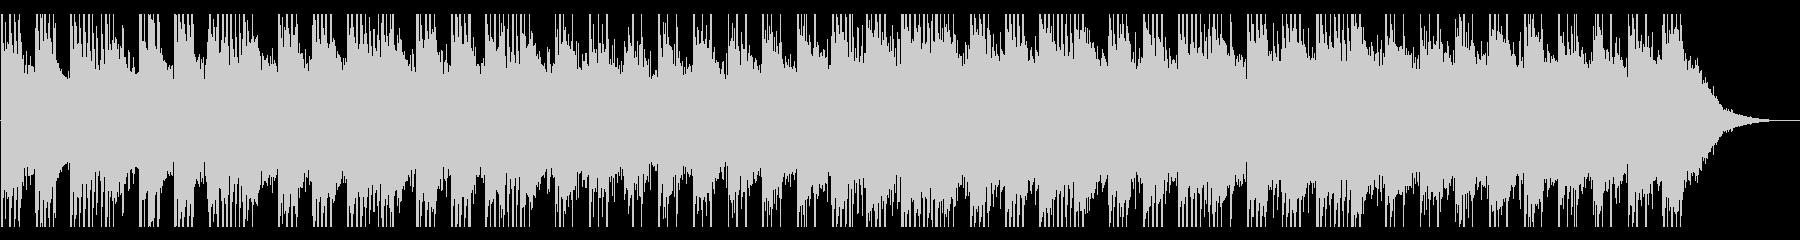 大正琴の日本イメージの曲の未再生の波形